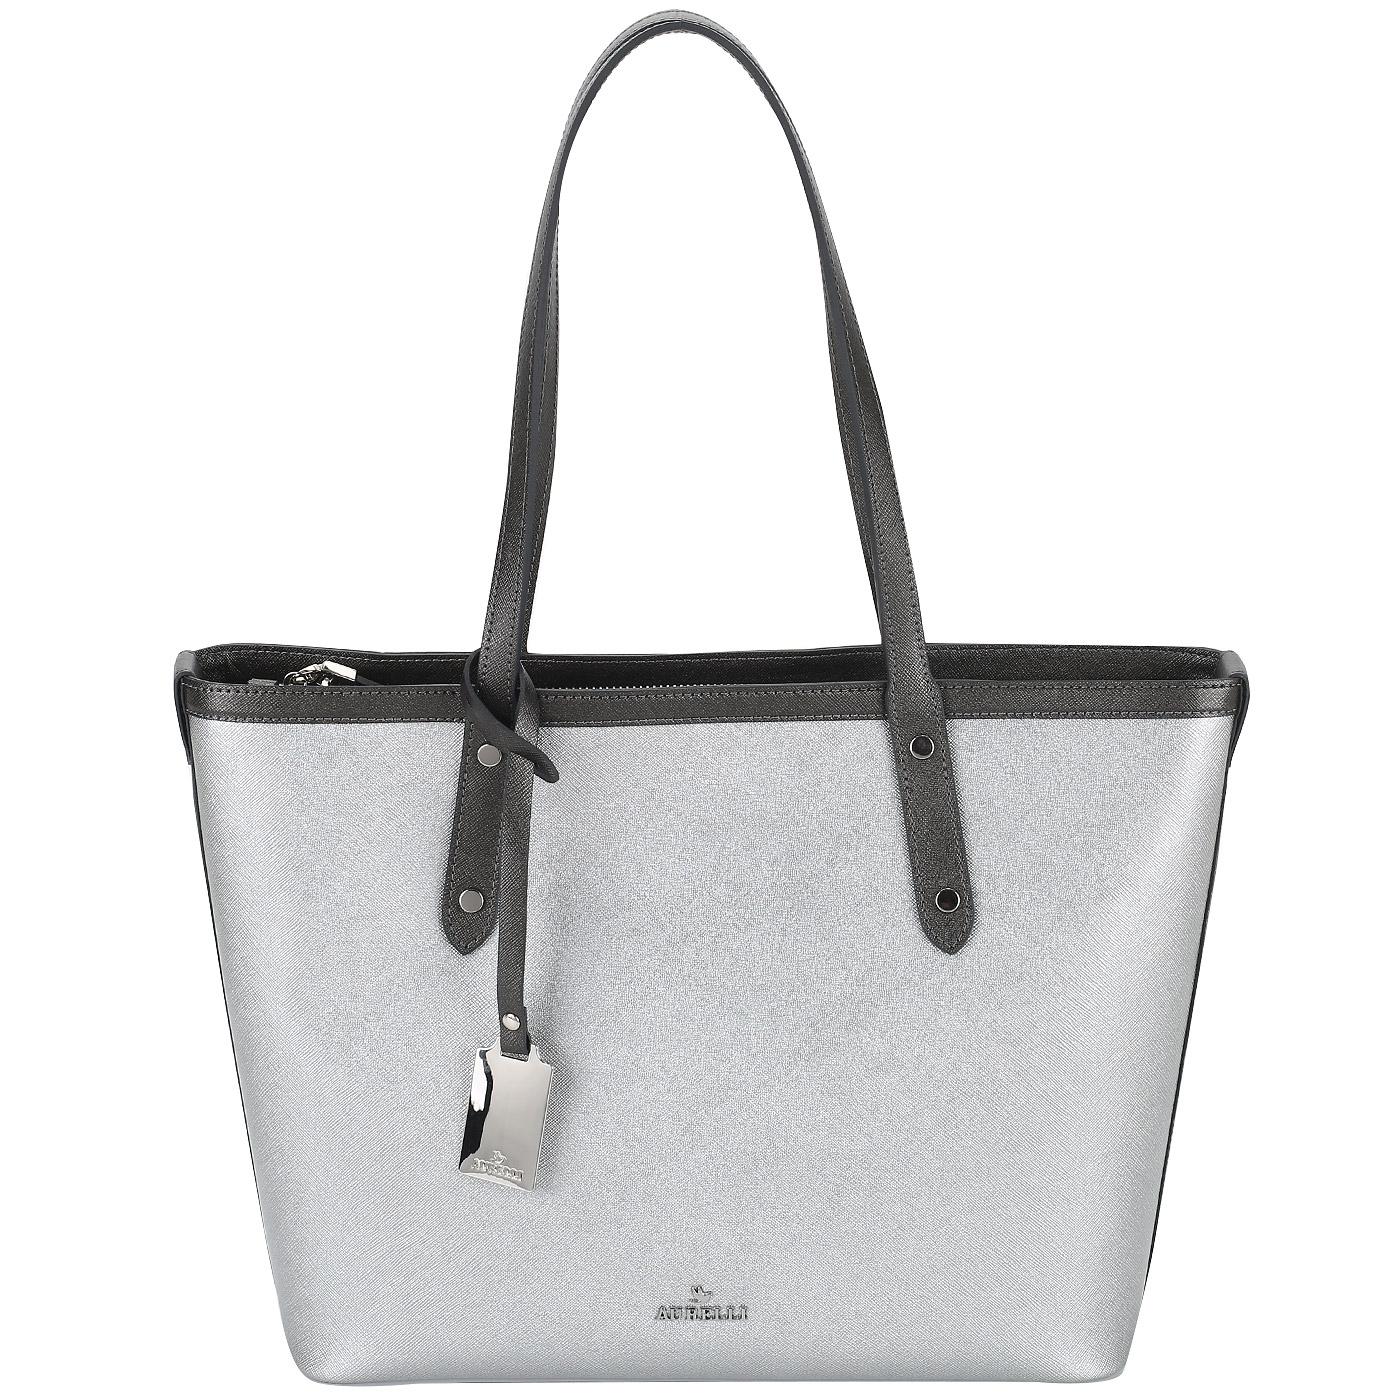 3a333571eed1 Сафьяновая сумка-тоут с длинными ручками Aurelli 19S0106-18S-silver ...